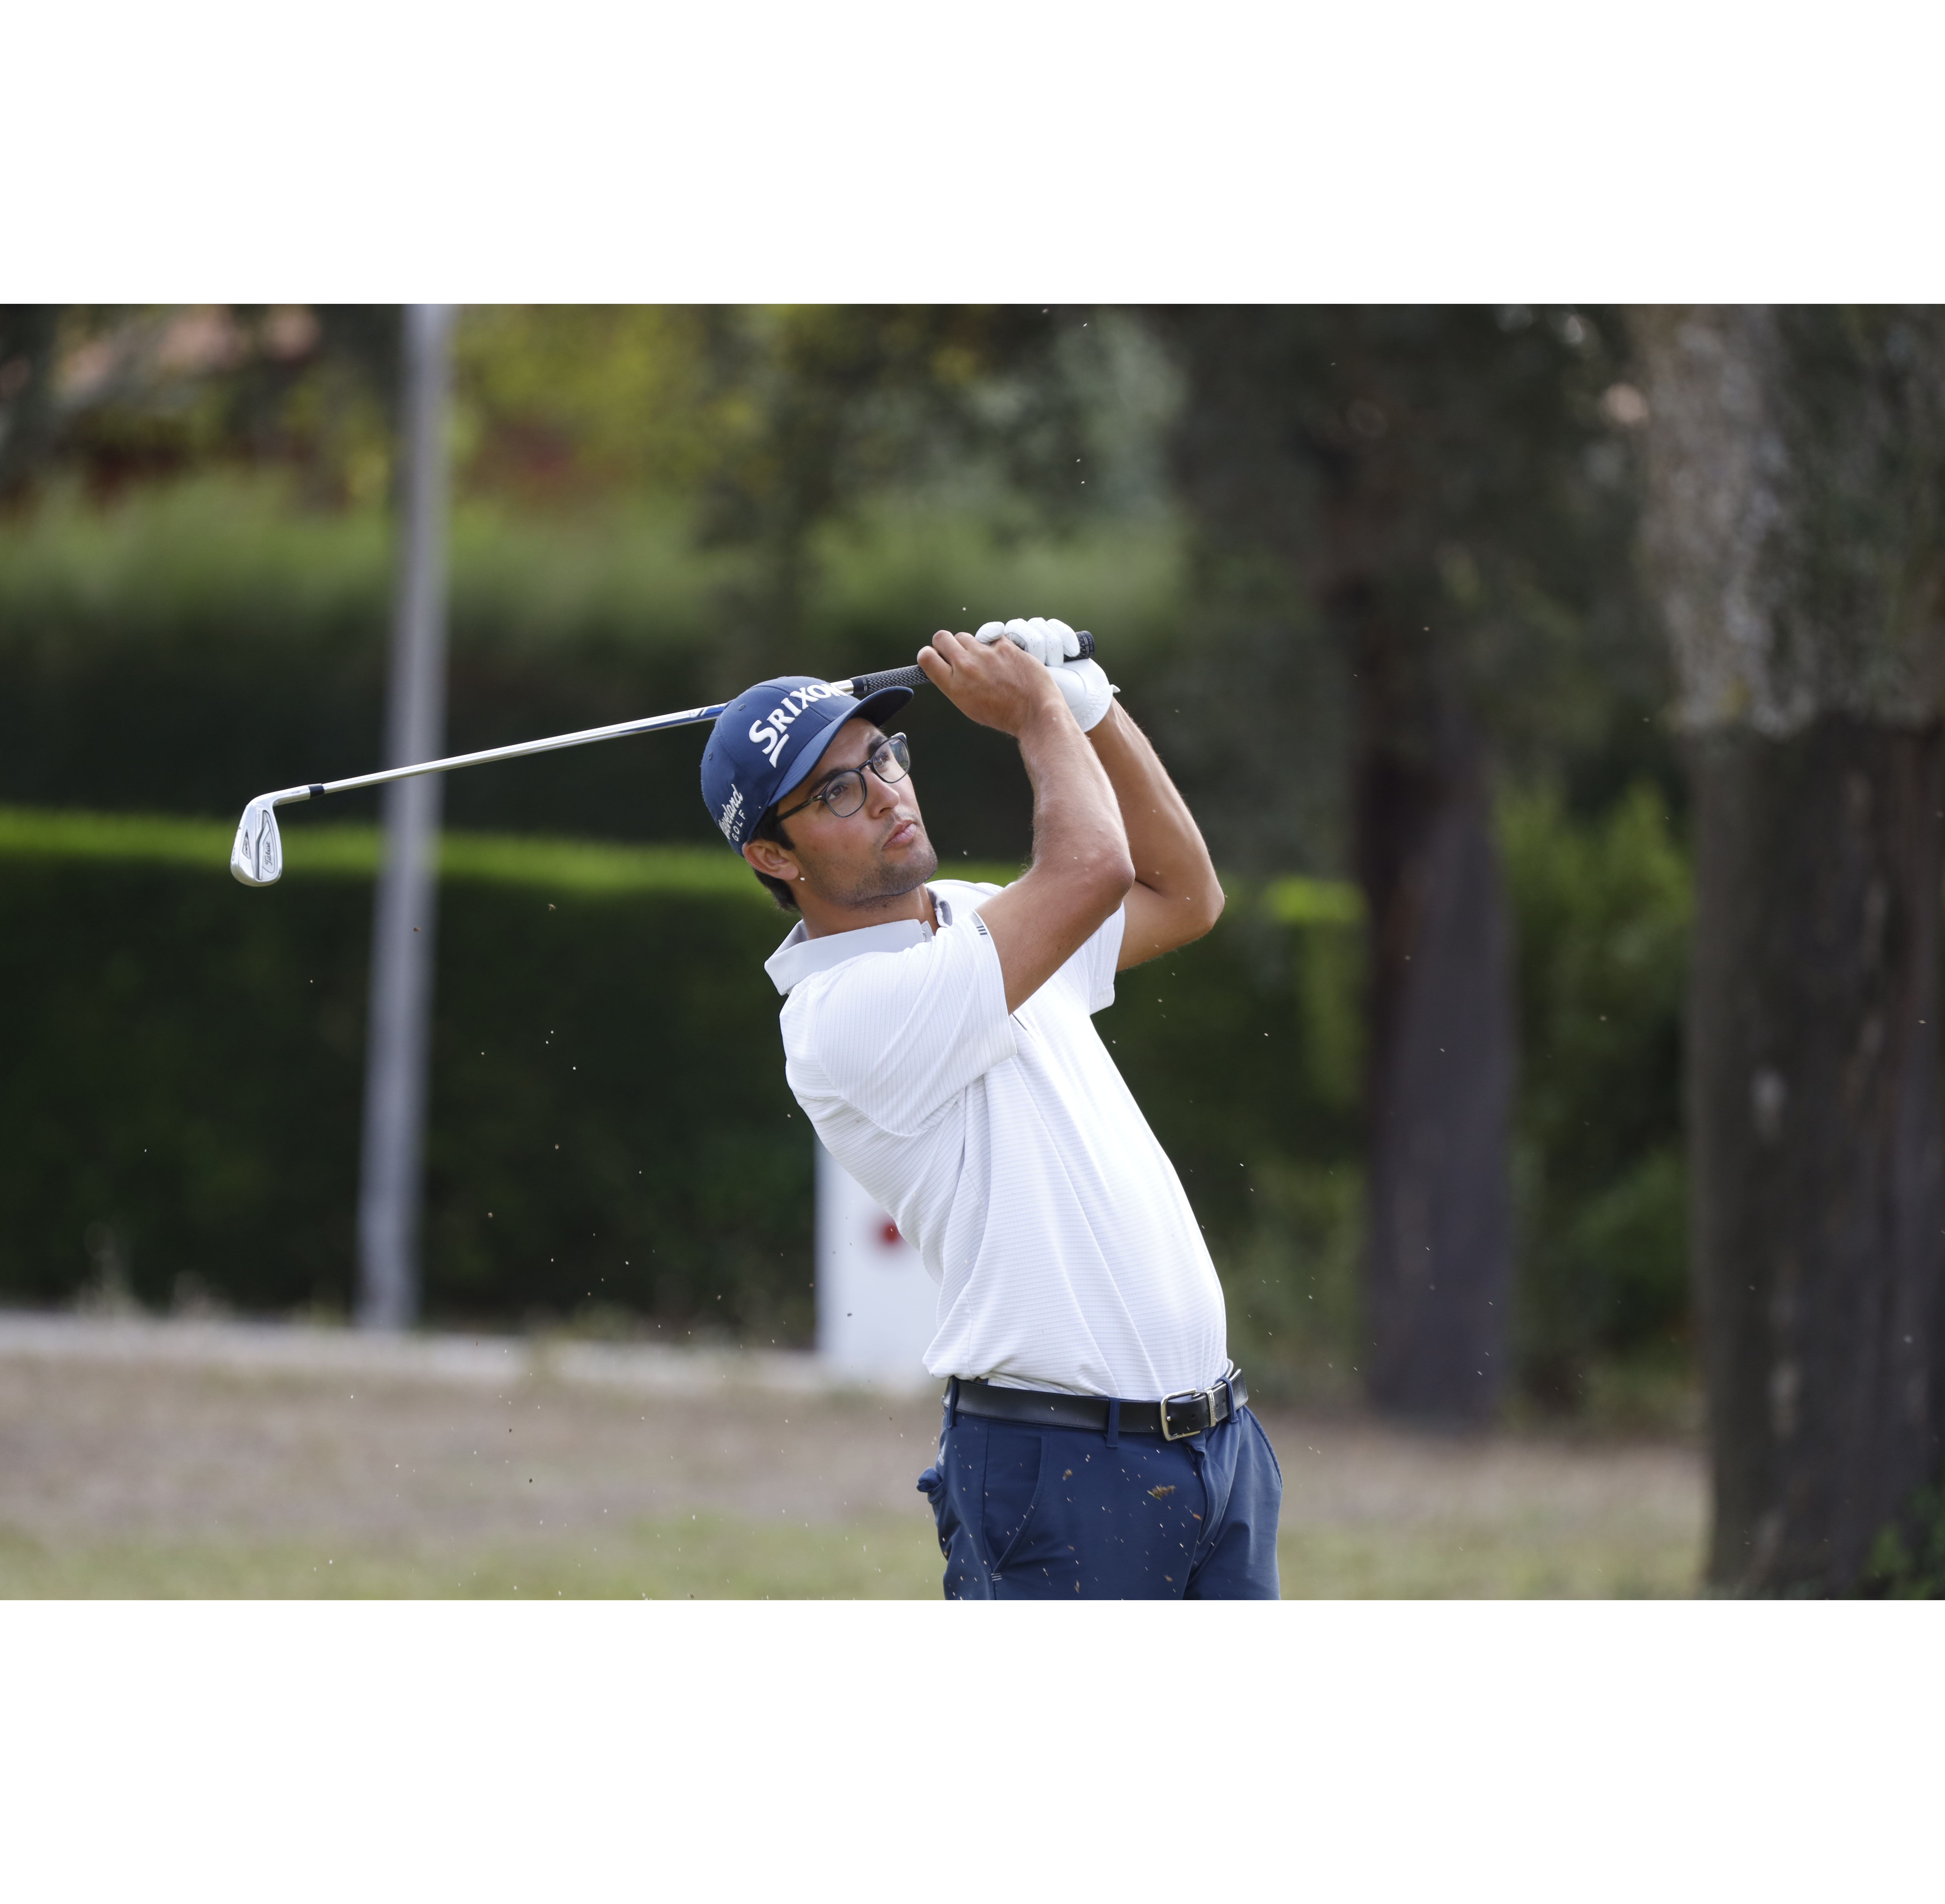 Escola de Qualificação do Pro Golf Tour – João Pinto Basto na Categoria 8 para 2021